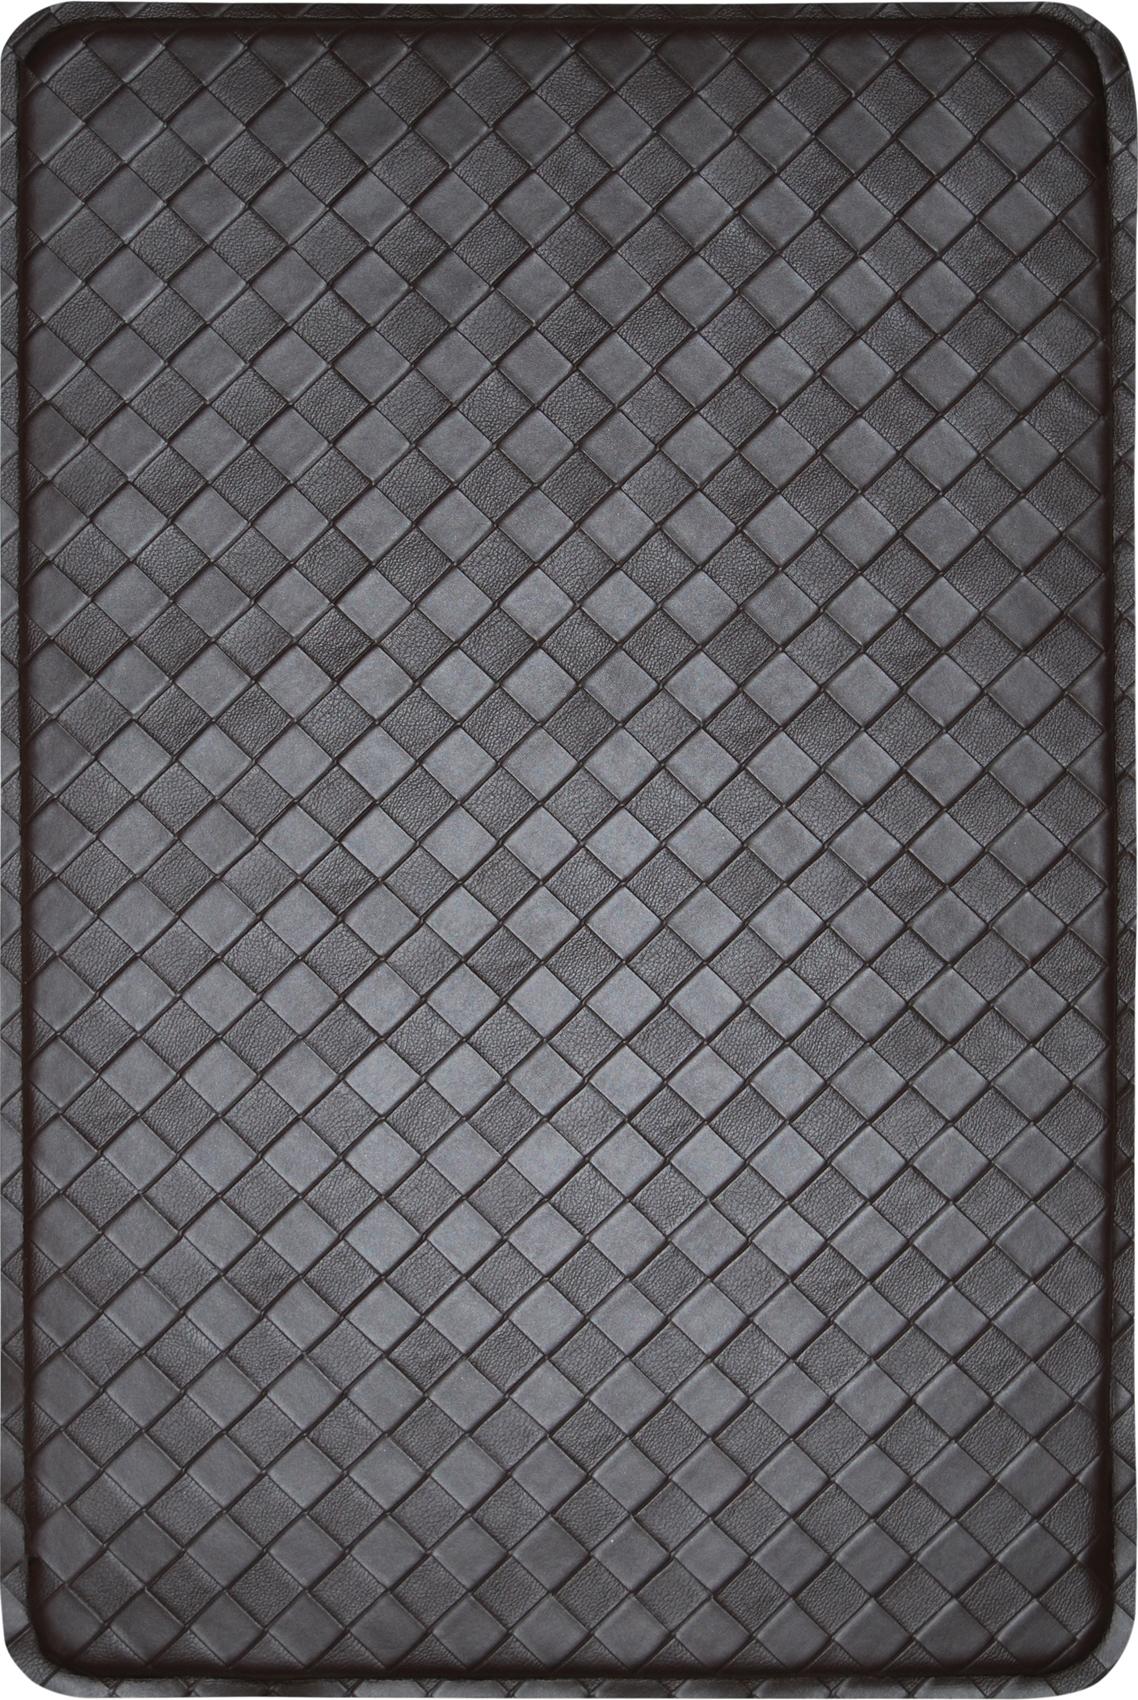 Modern indoor cushion kitchen rug anti fatigue floor